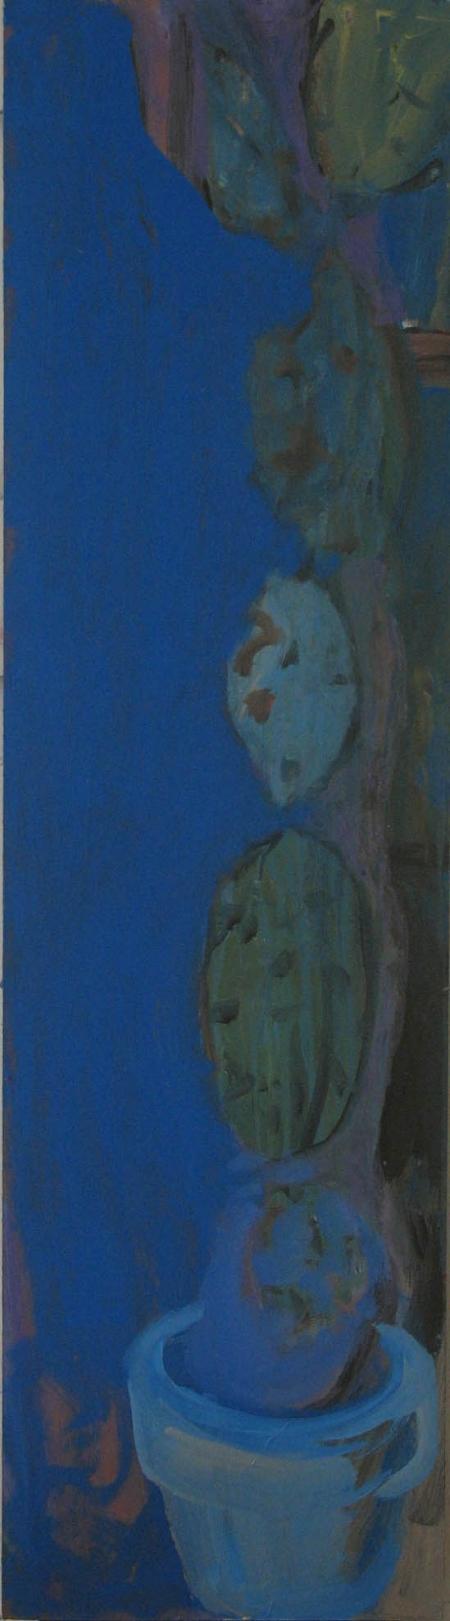 Zátiší IV, 122 x 30 cm, akryl na sololitu